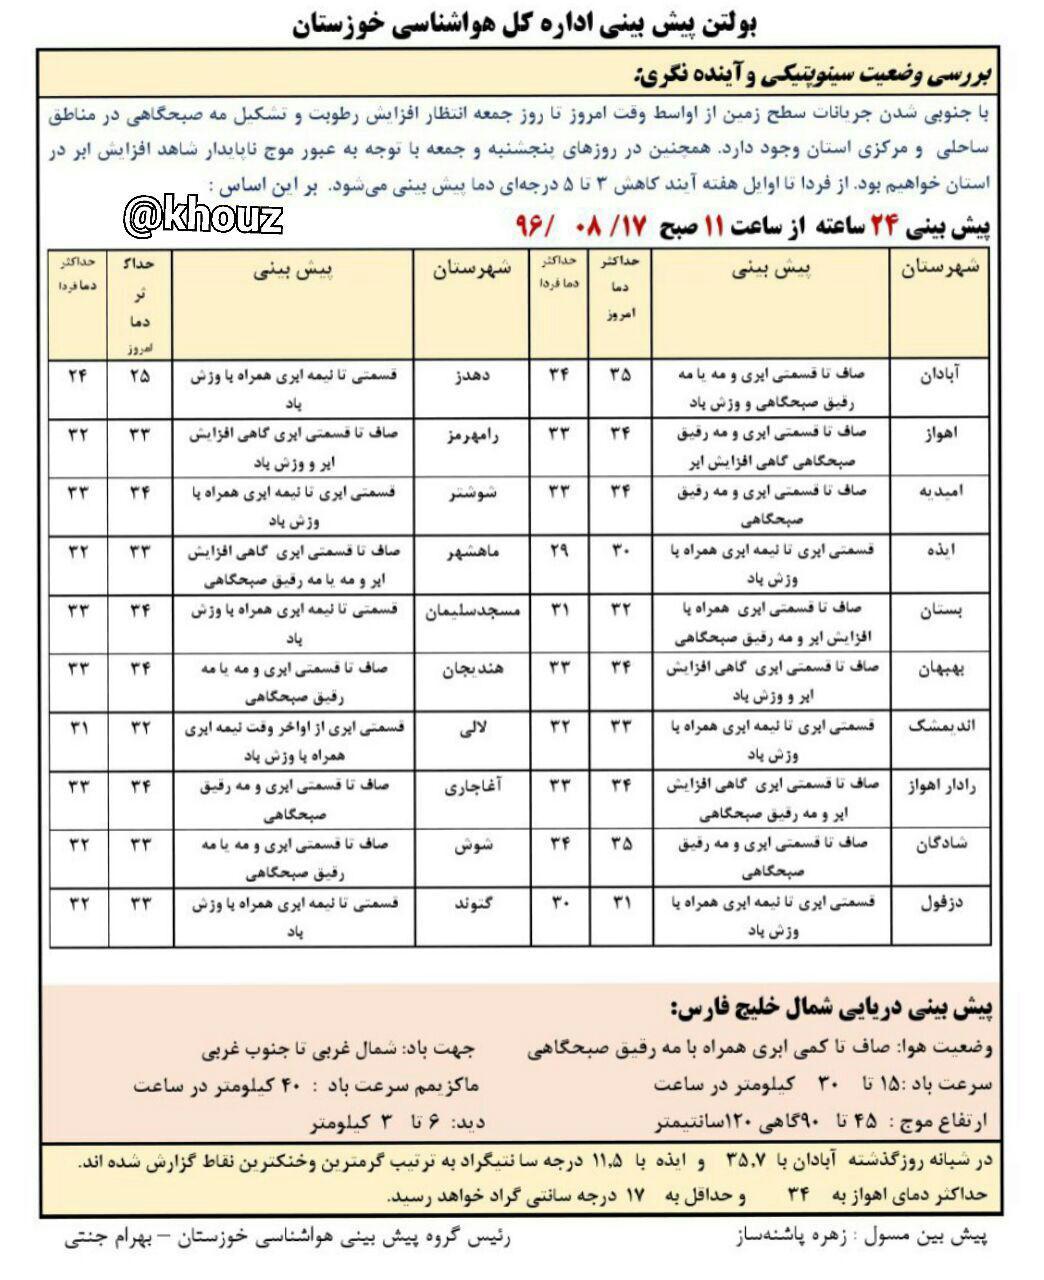 پیش بینی وضع هوای استان خوزستان در 17 آبان ماه